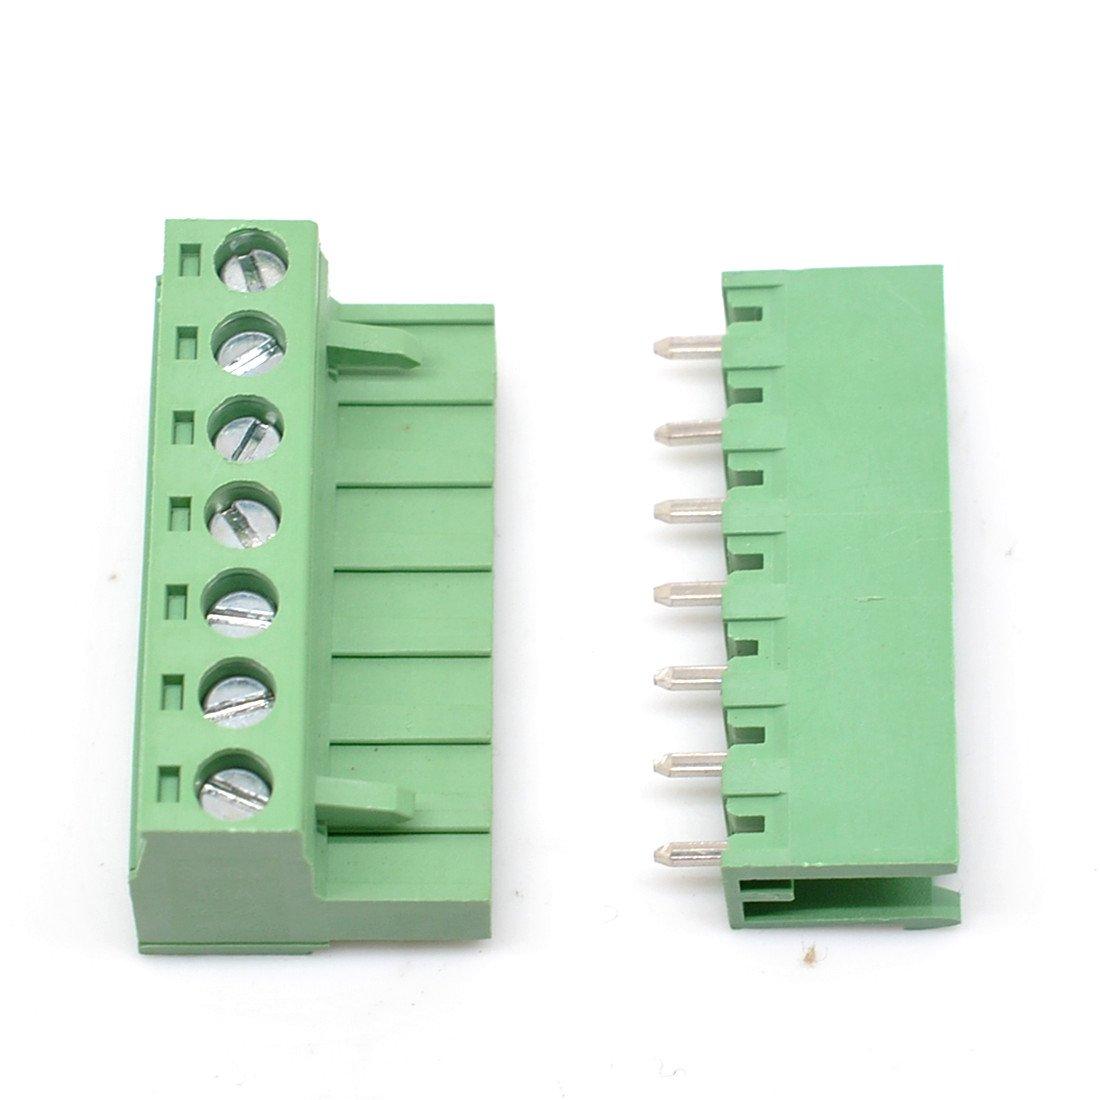 20 Set 3-Pin 5.08mm Pitch Male Female PCB Screw Terminal Block